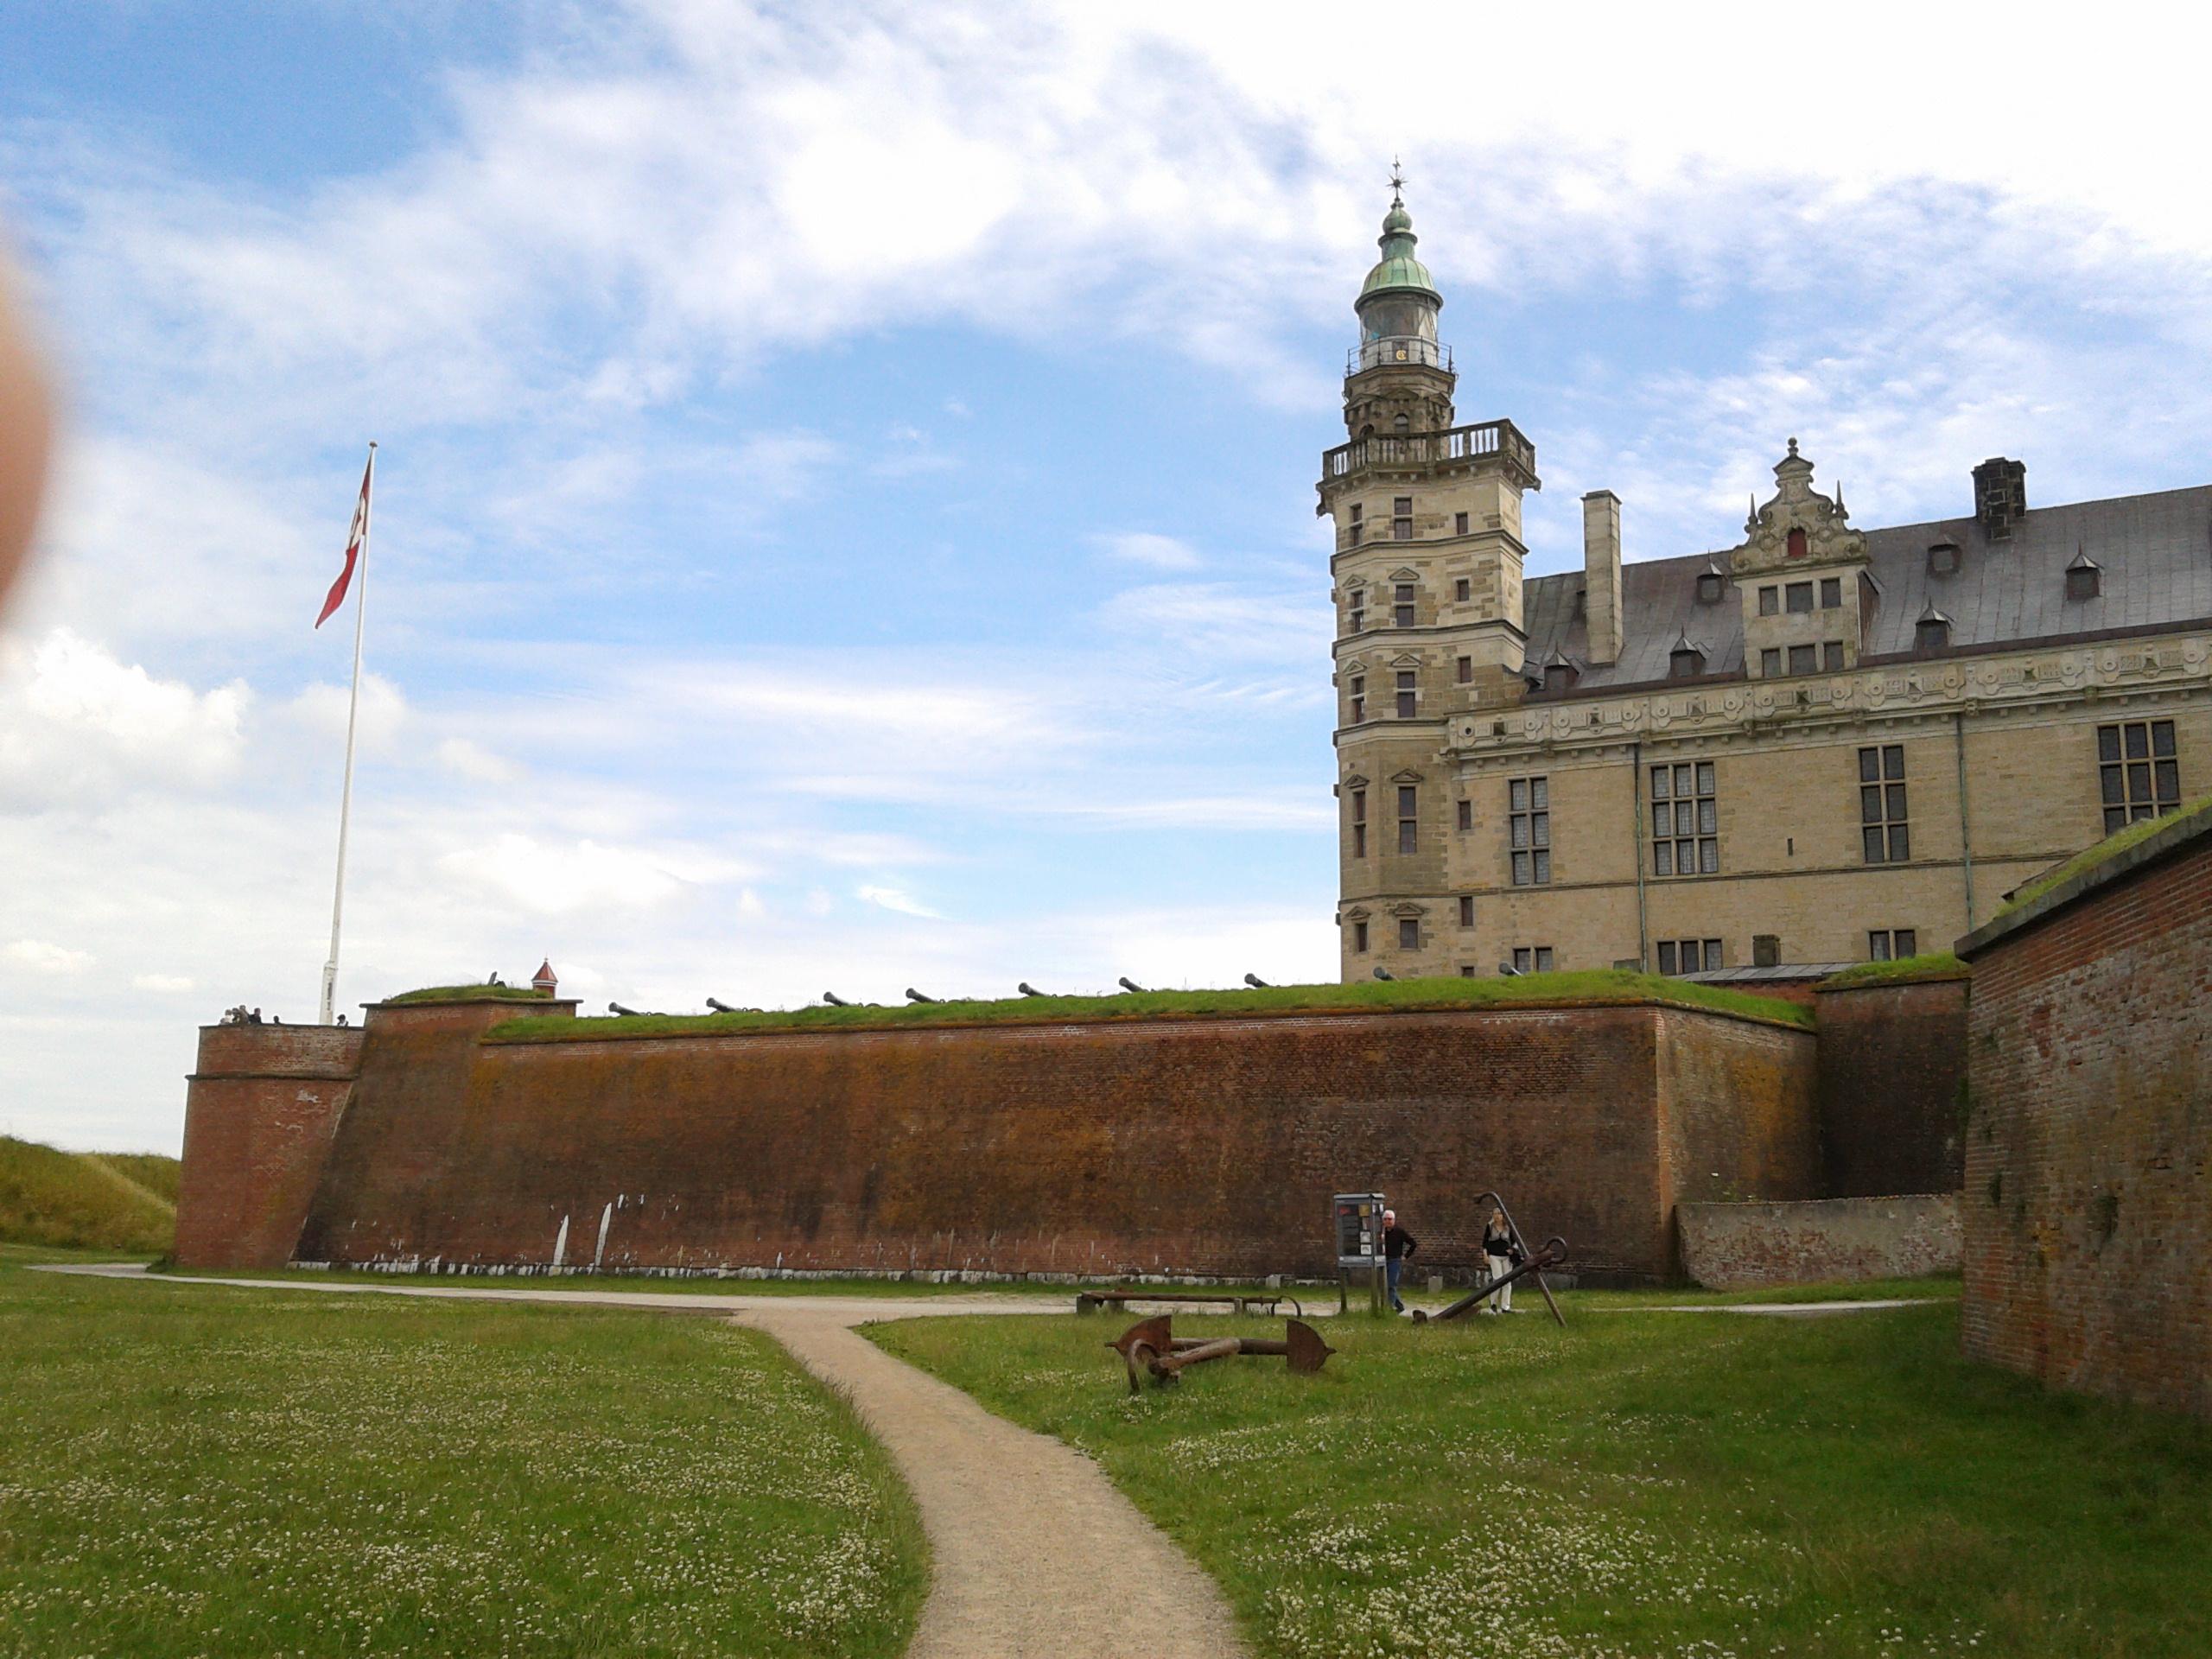 Die Kronborg, Handlungsort des Hamlet- wird zumindest behauptet